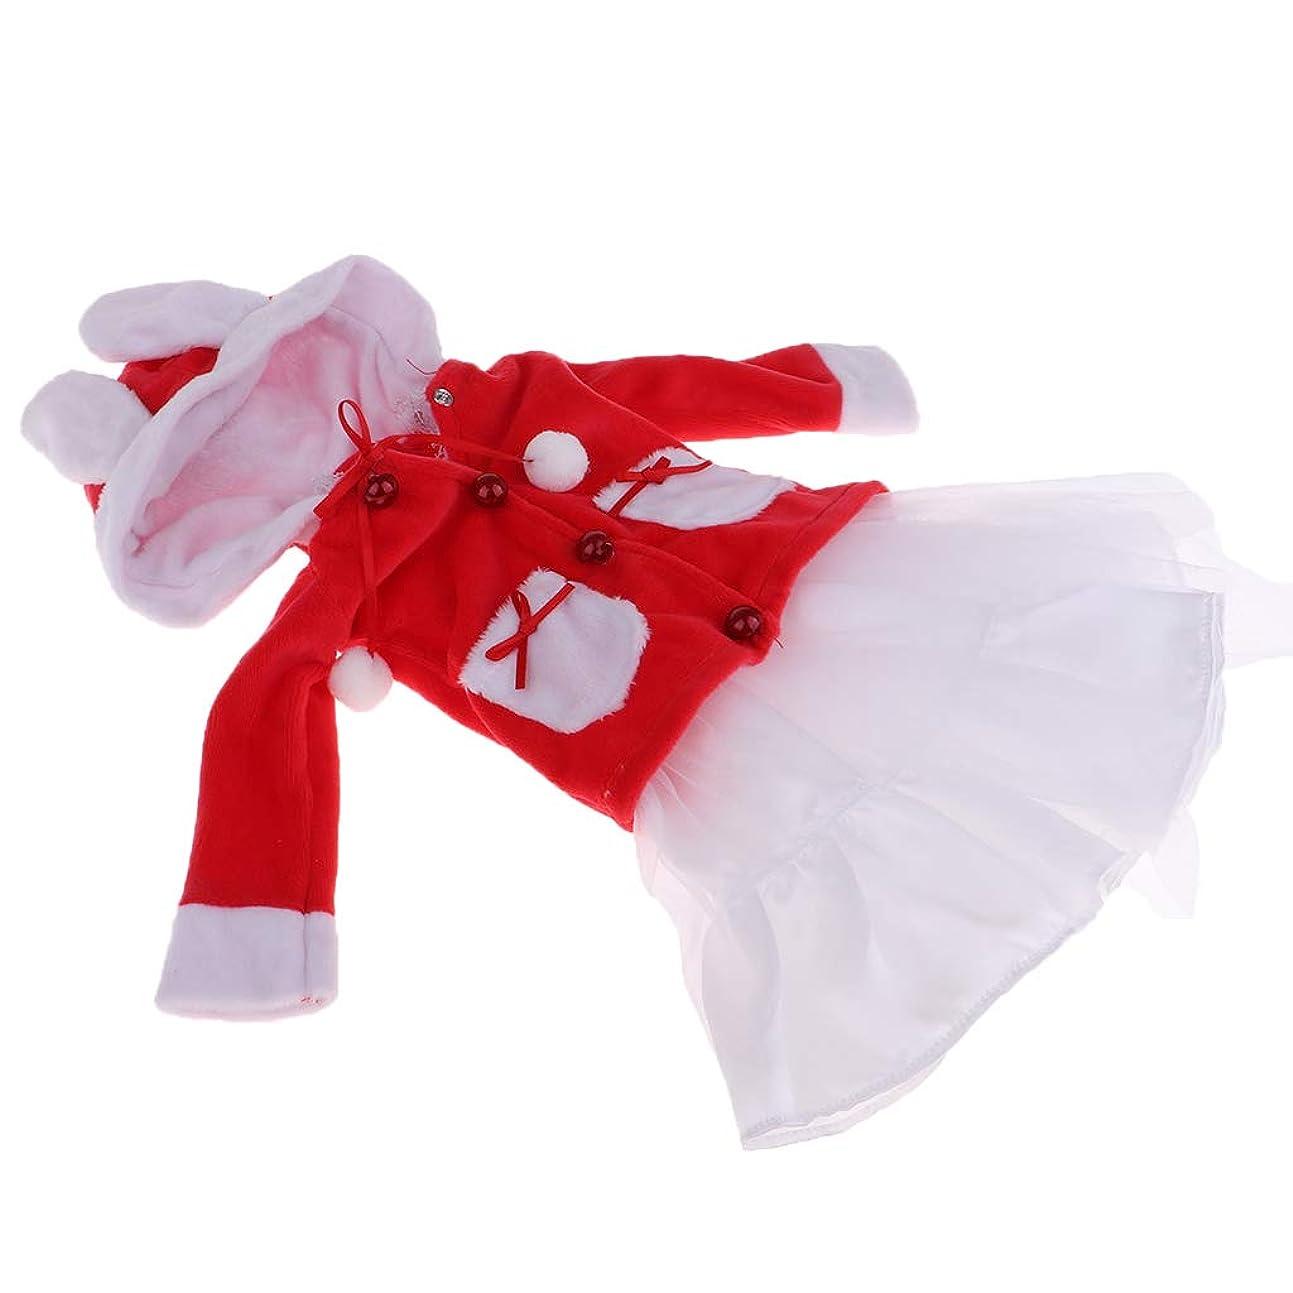 すみません魔女ラメ1/3 BJD ナイトロリータドール用 人形服 レースドレス ジャケット コート